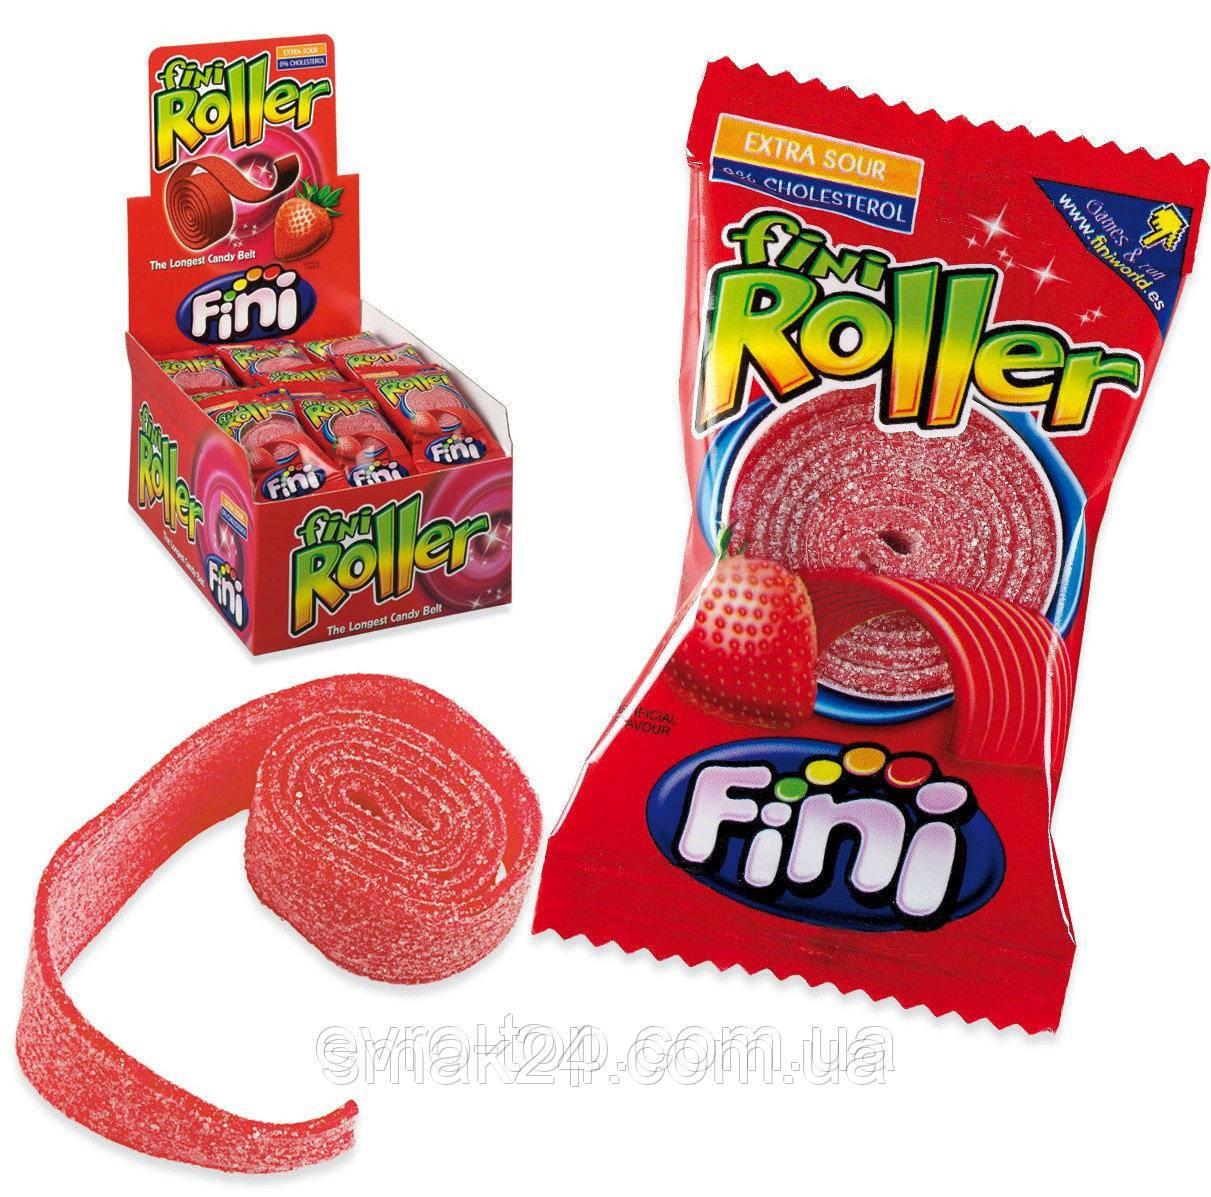 Желейні цукерки Fini Roller (полуниця) Іспанія 20г